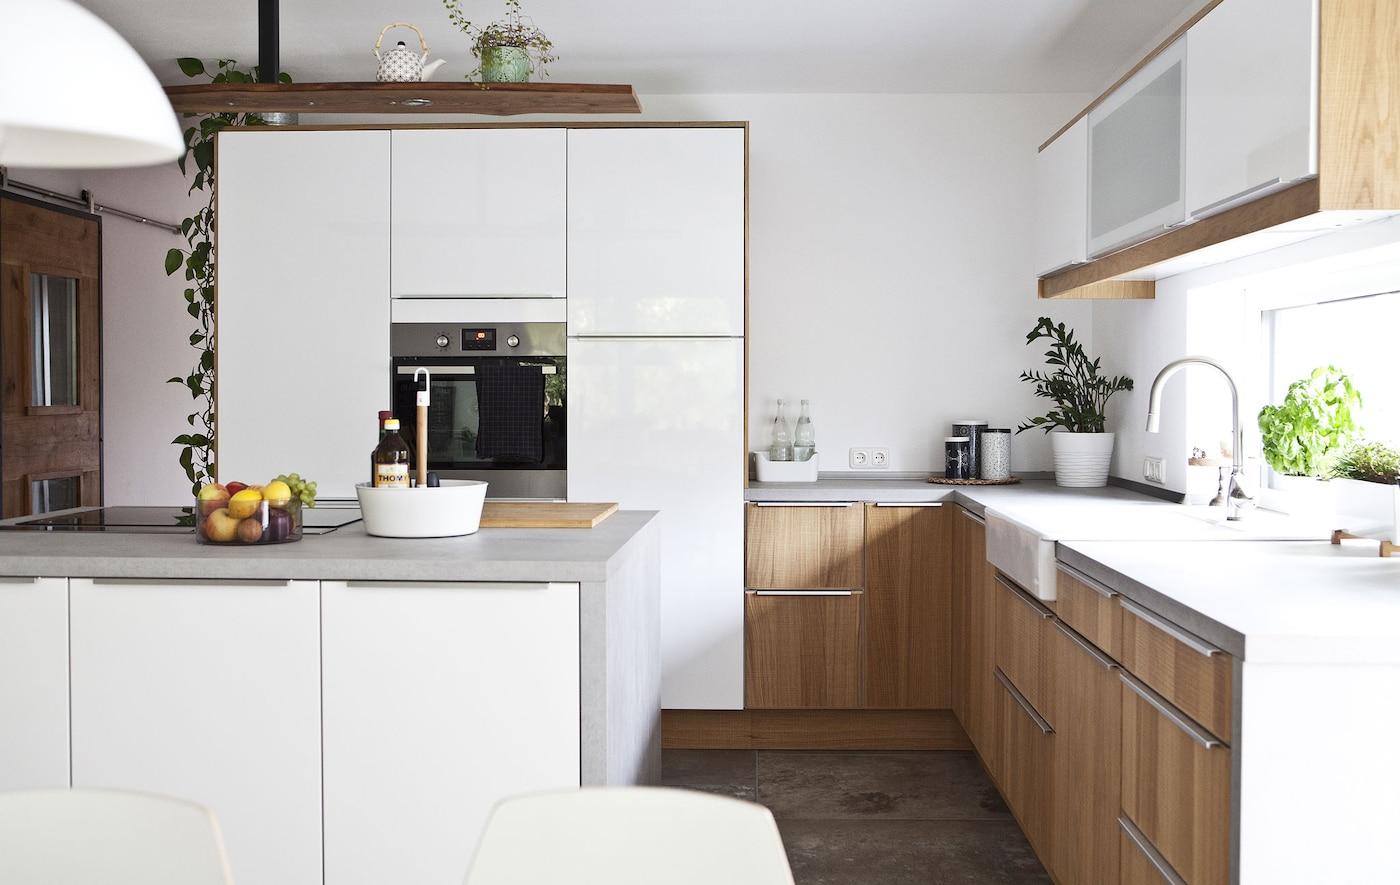 Küche modern gestalten & dekorieren - IKEA Deutschland